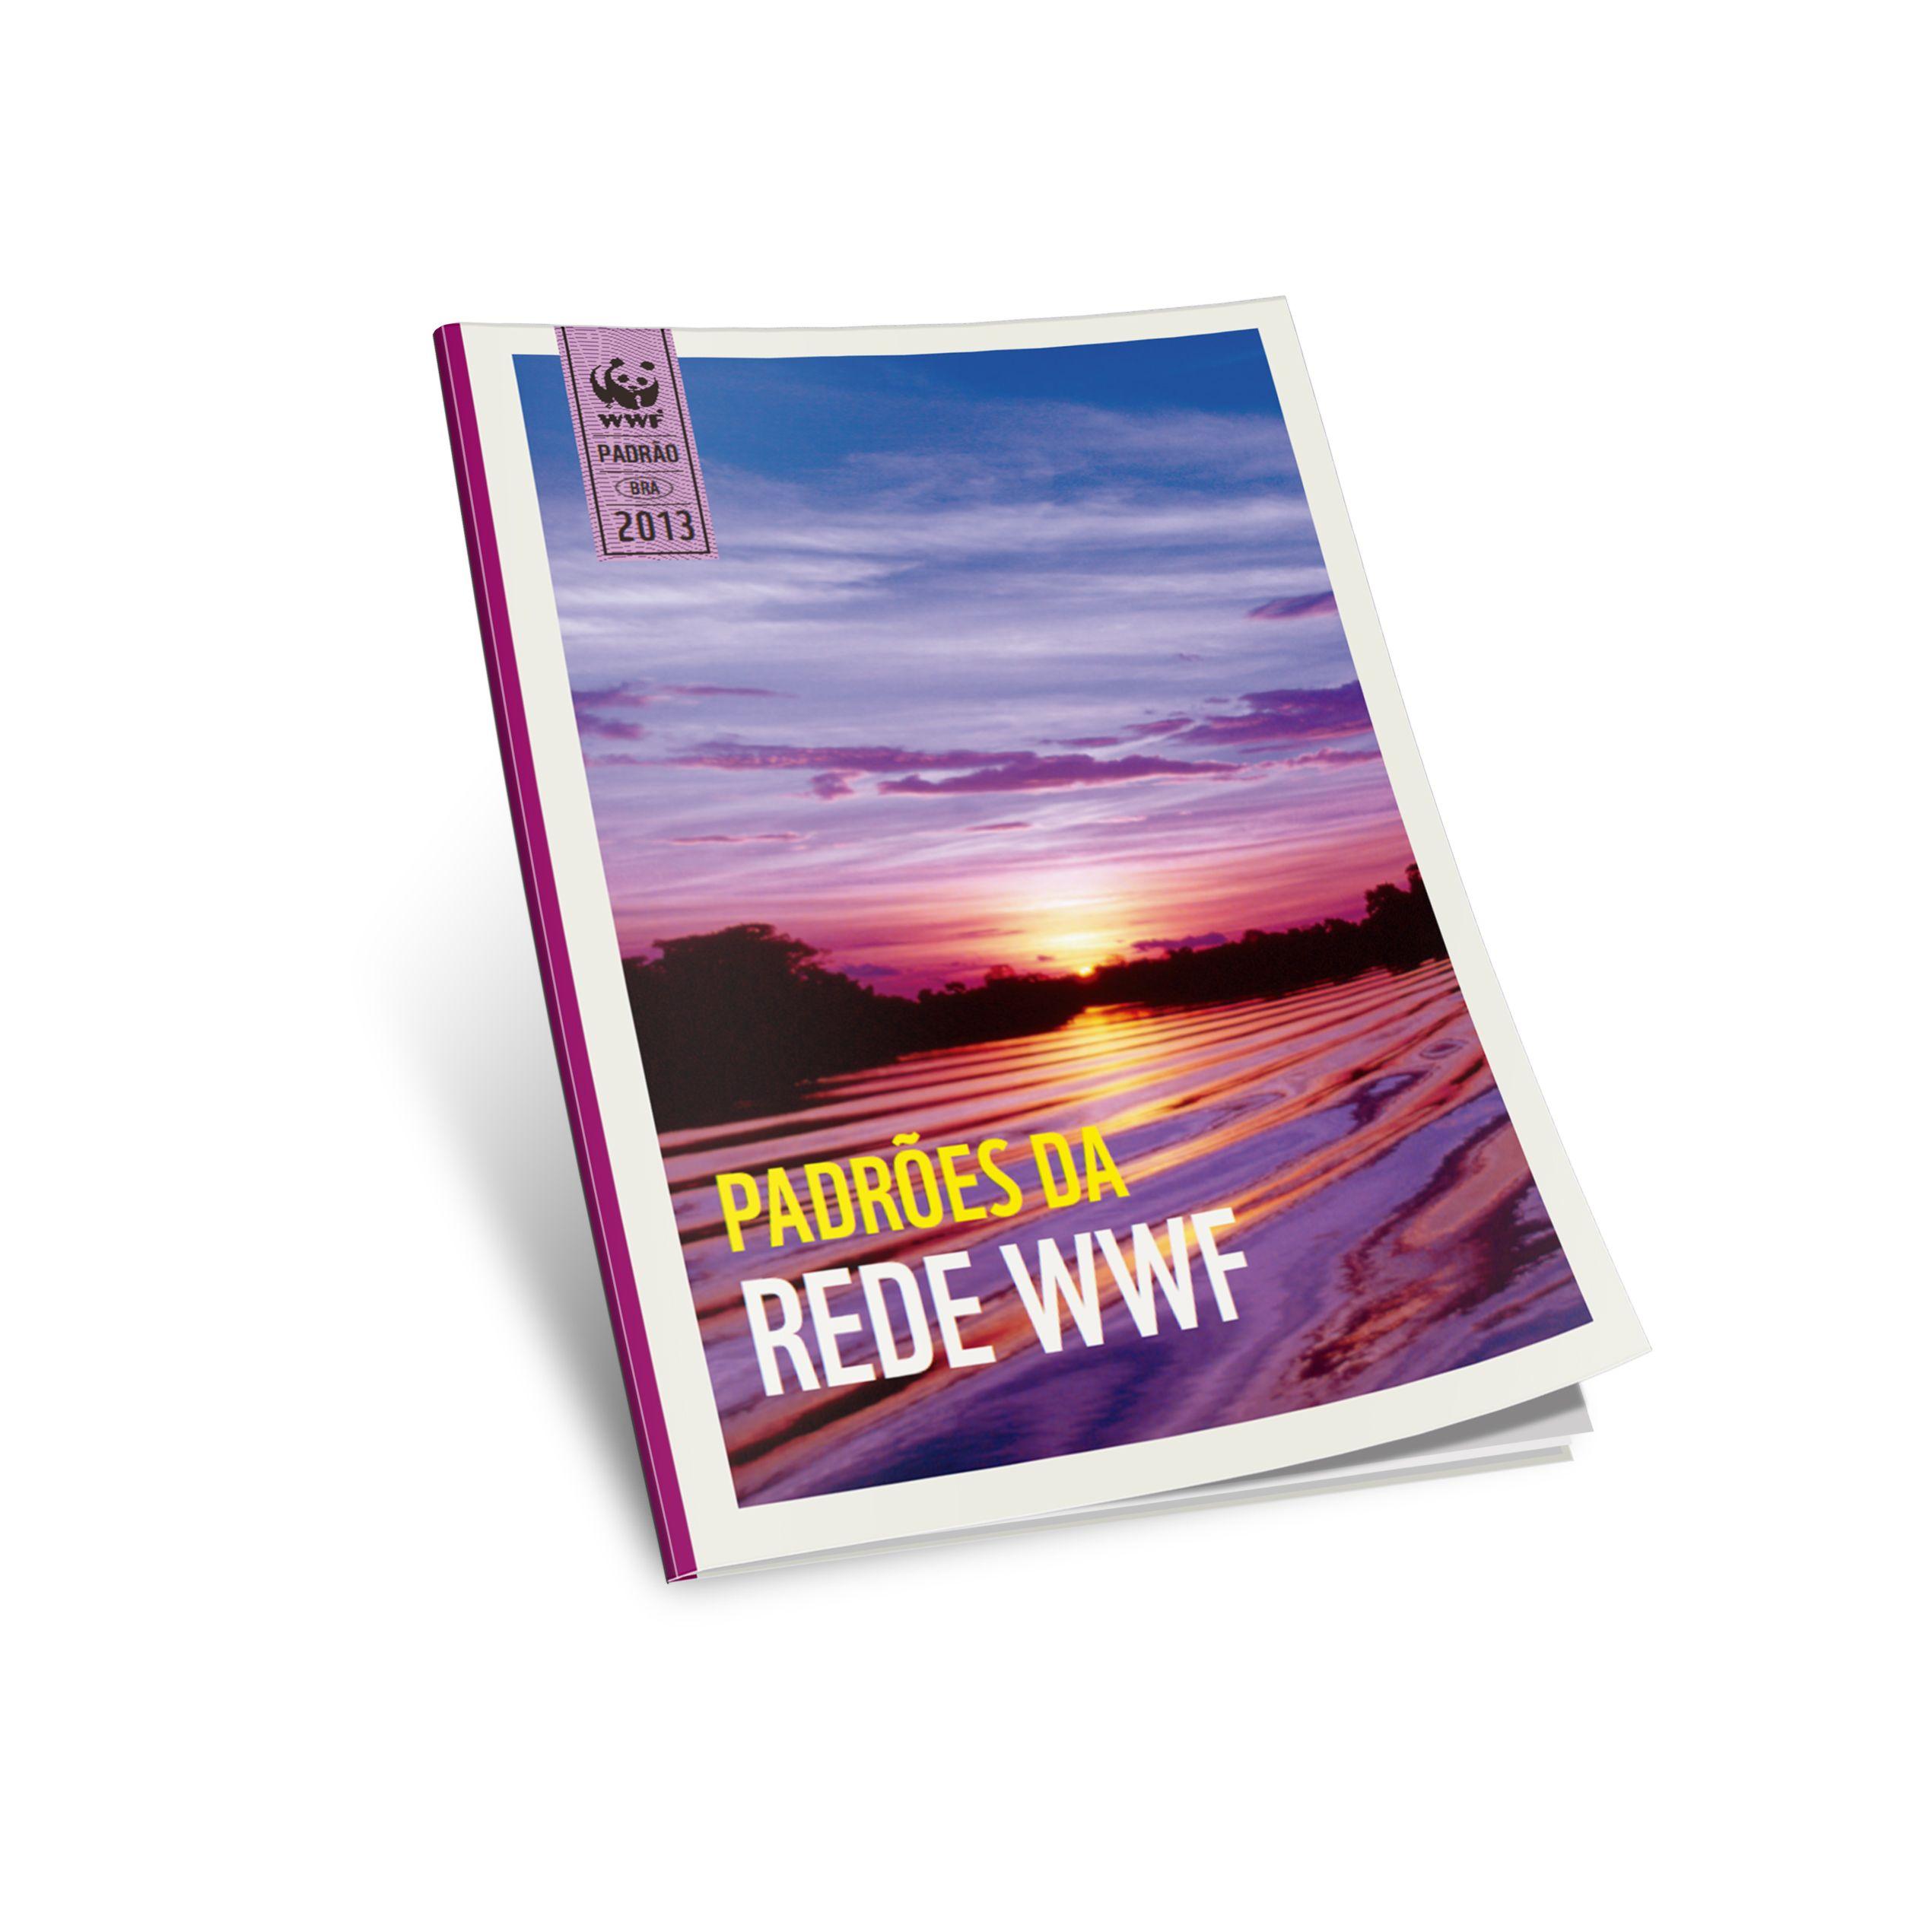 Capa da publicação Padrões da rede WWF